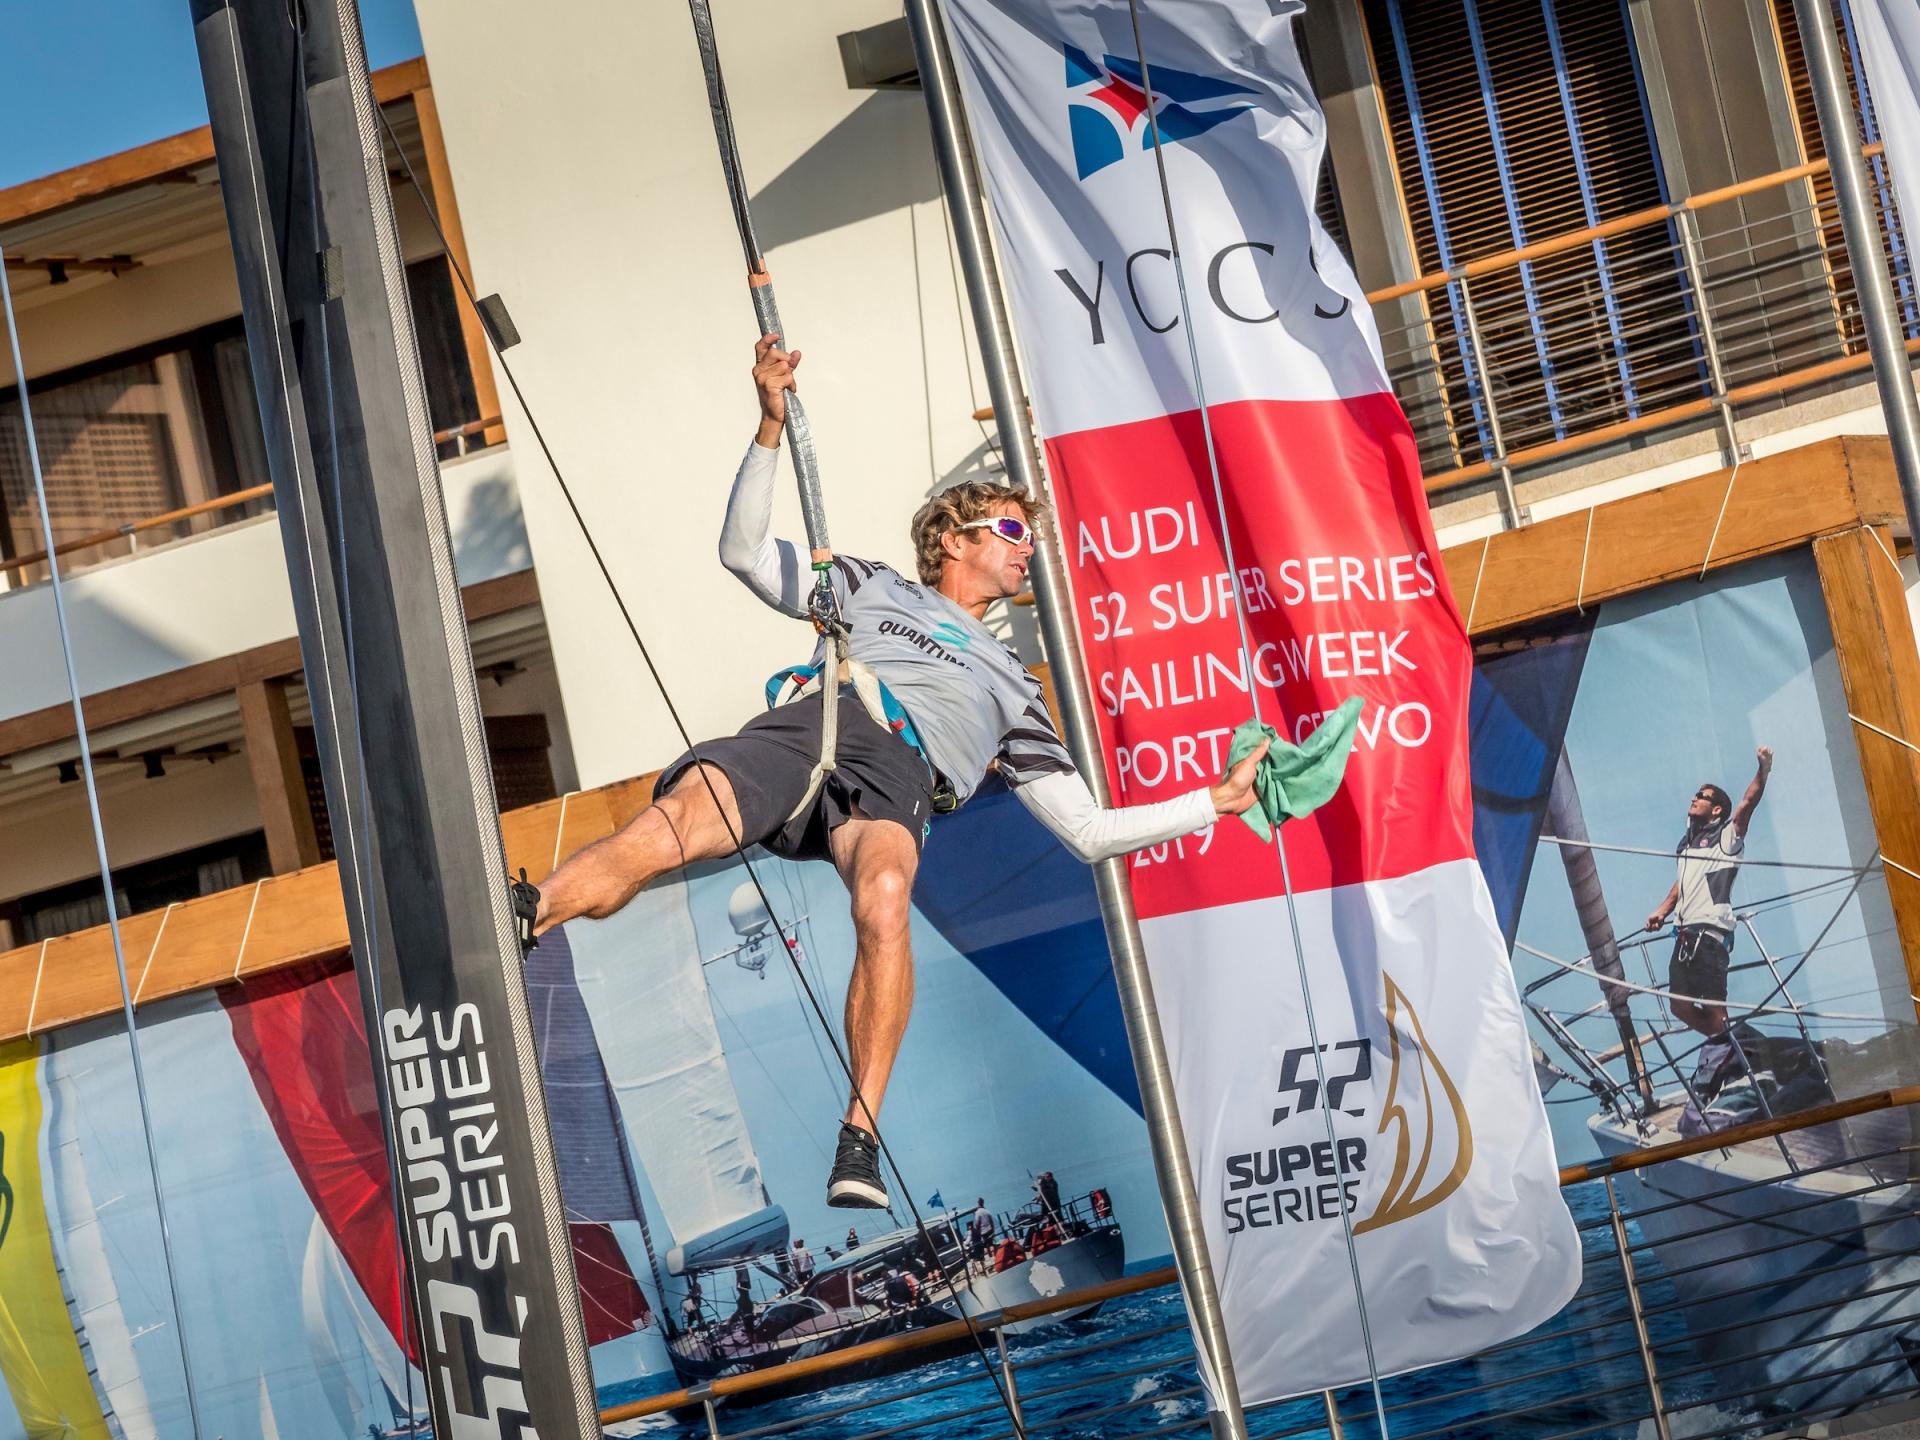 Il Maestrale è padrone sul campo di regata dell'Audi 52 Super Series Sailing Week  - NEWS - Yacht Club Costa Smeralda